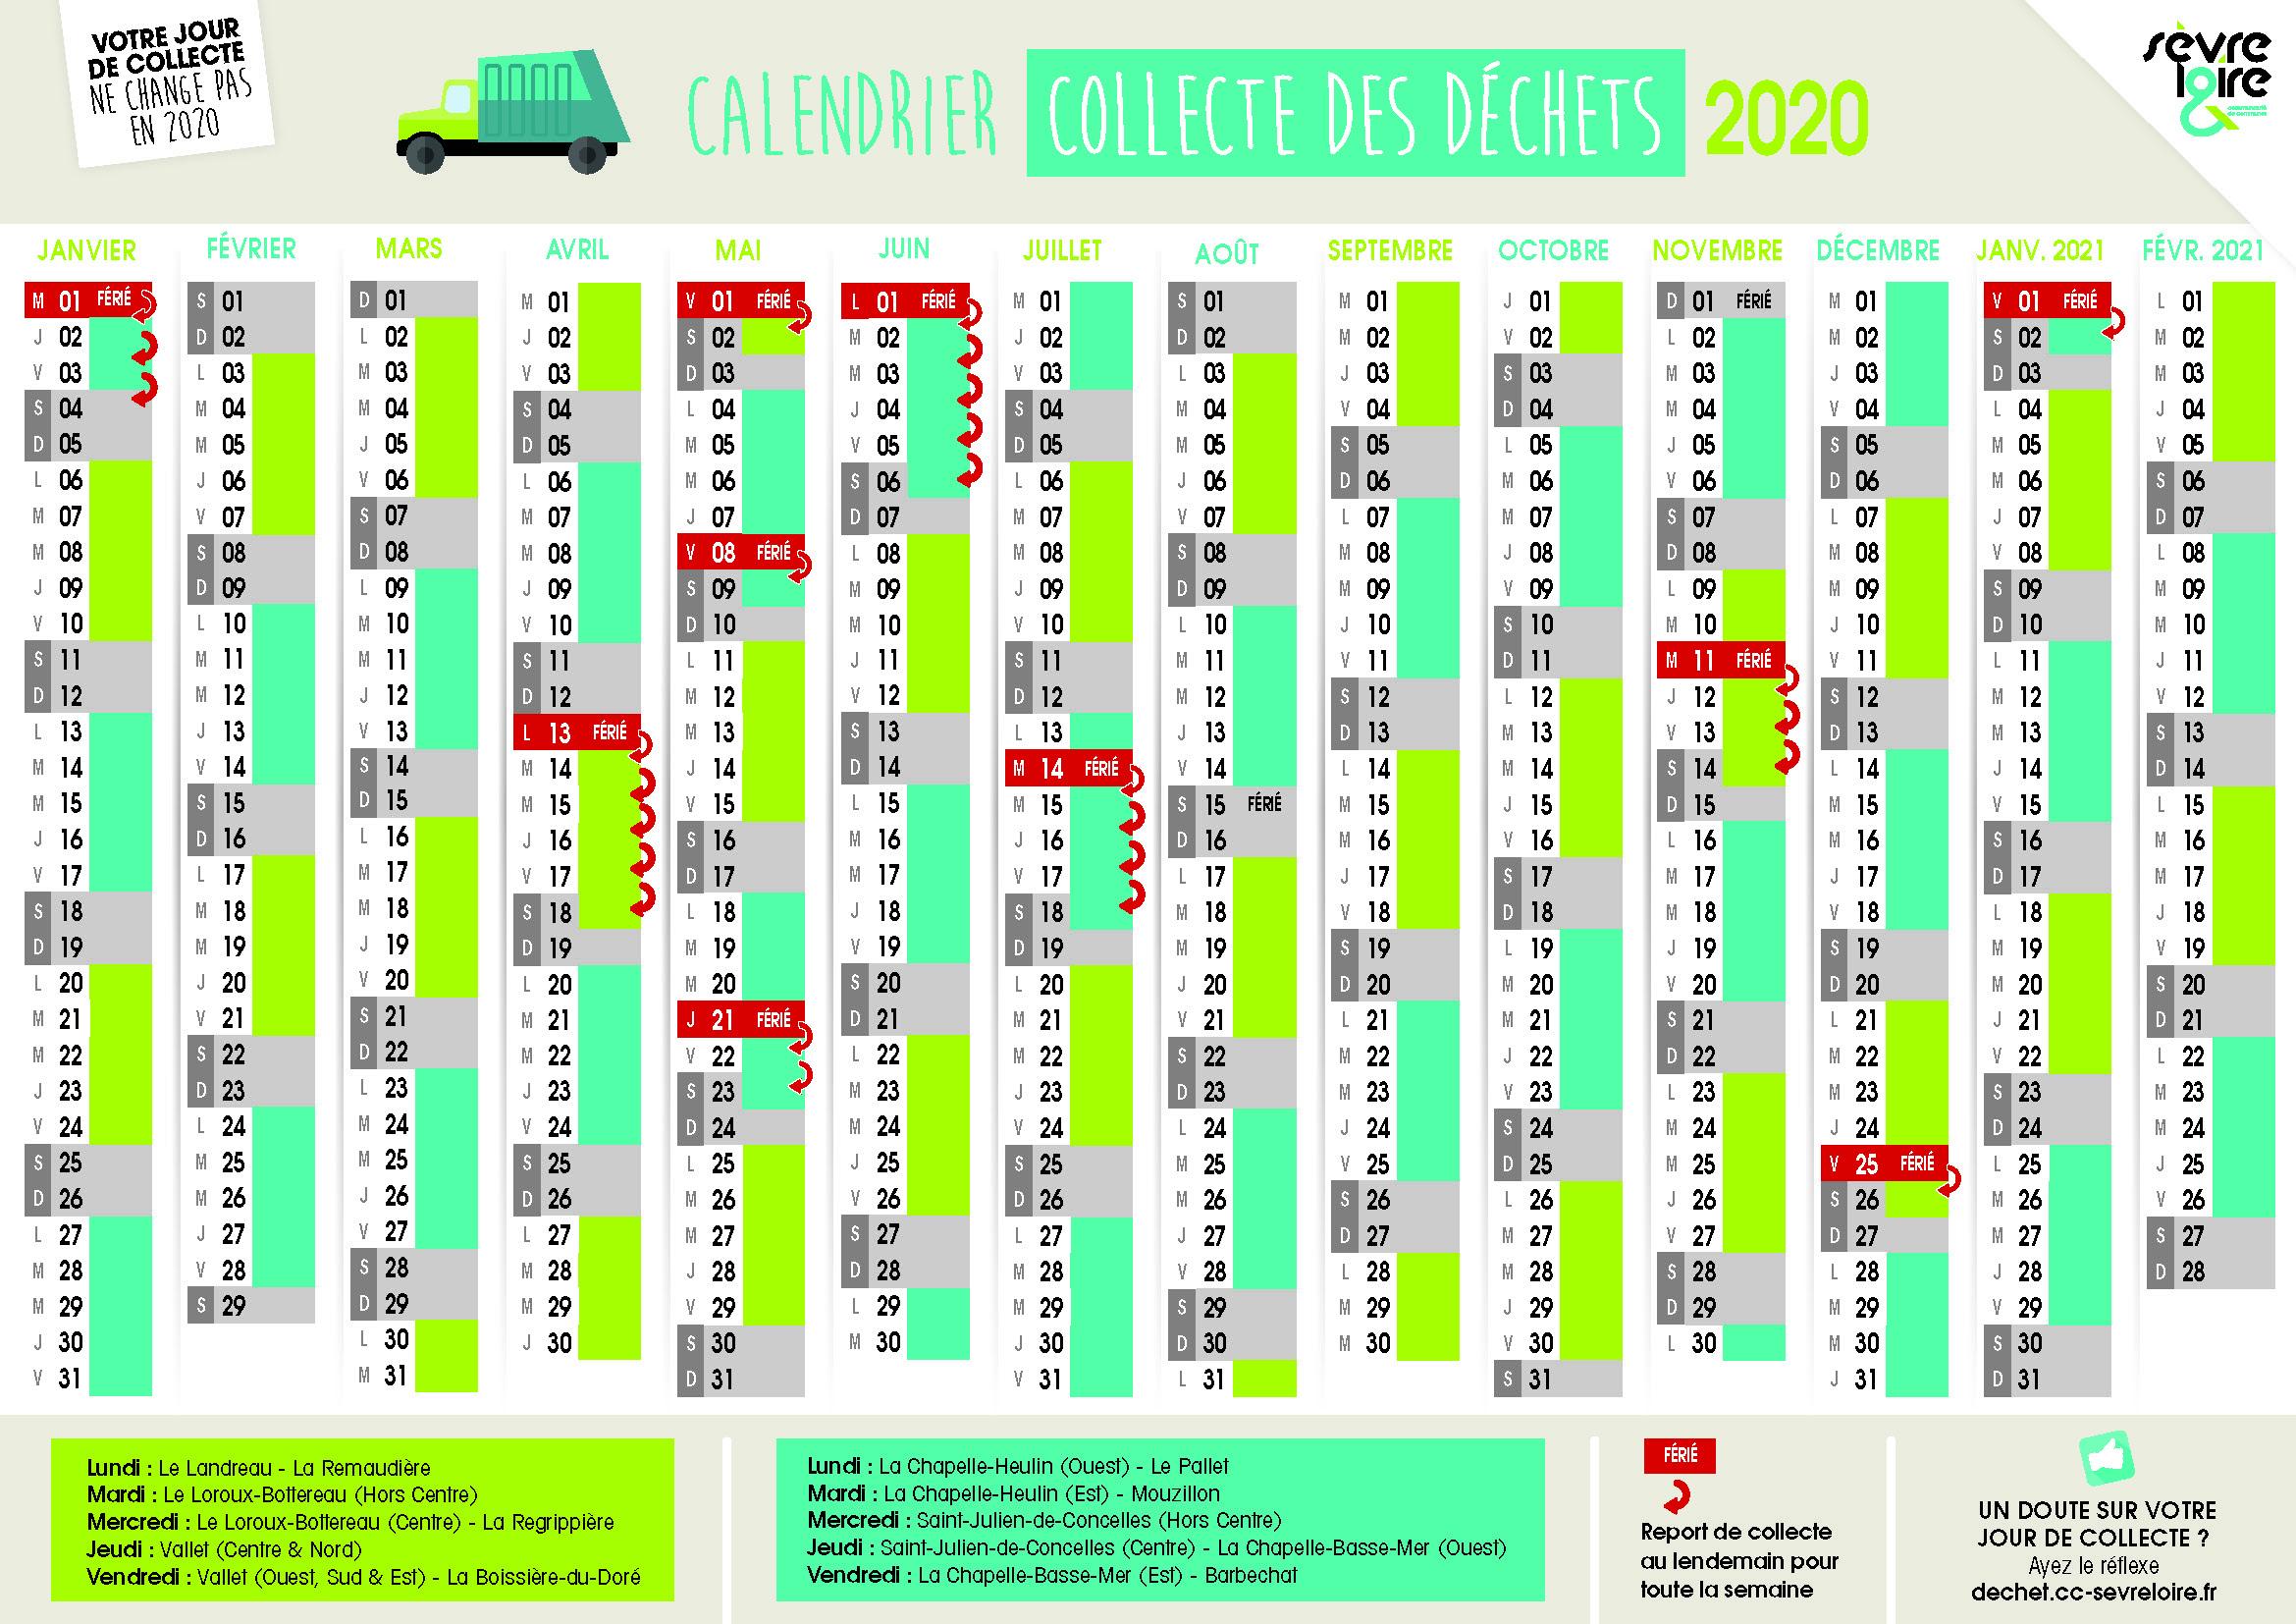 Calendrier DECHET 2020_Page_1